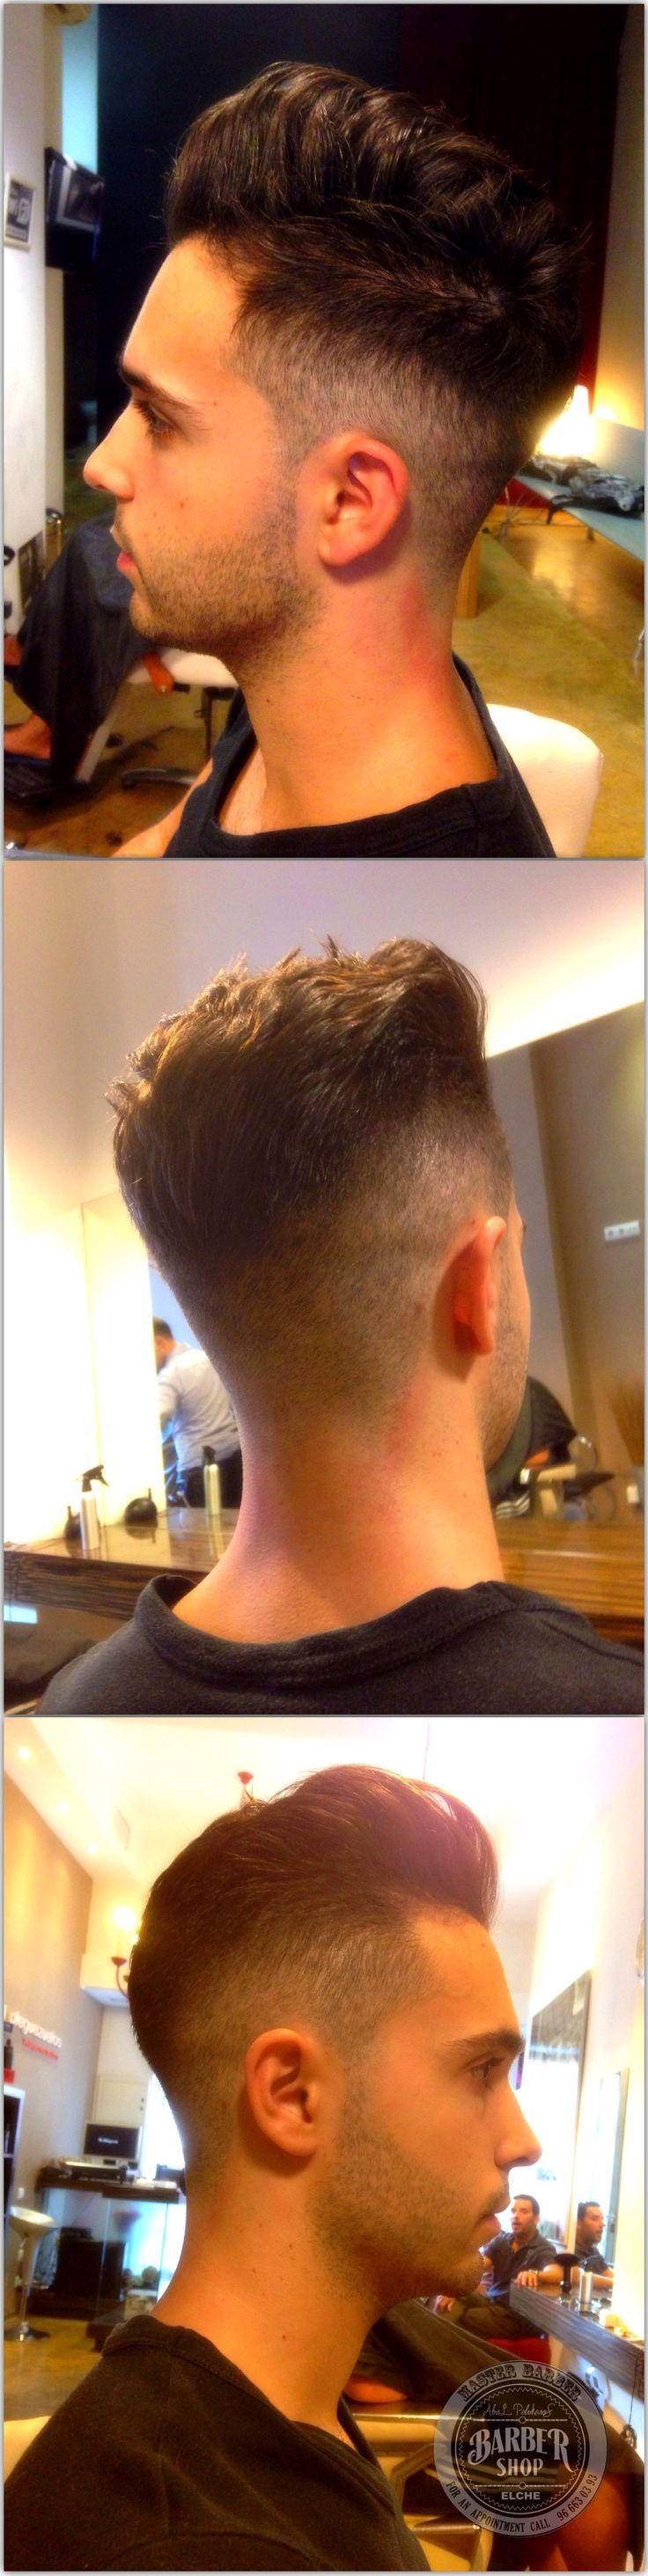 Trabajo realizado por el equipo @Abel Tan Pelukeros Elche Elche  #Hair #STYLE #Men